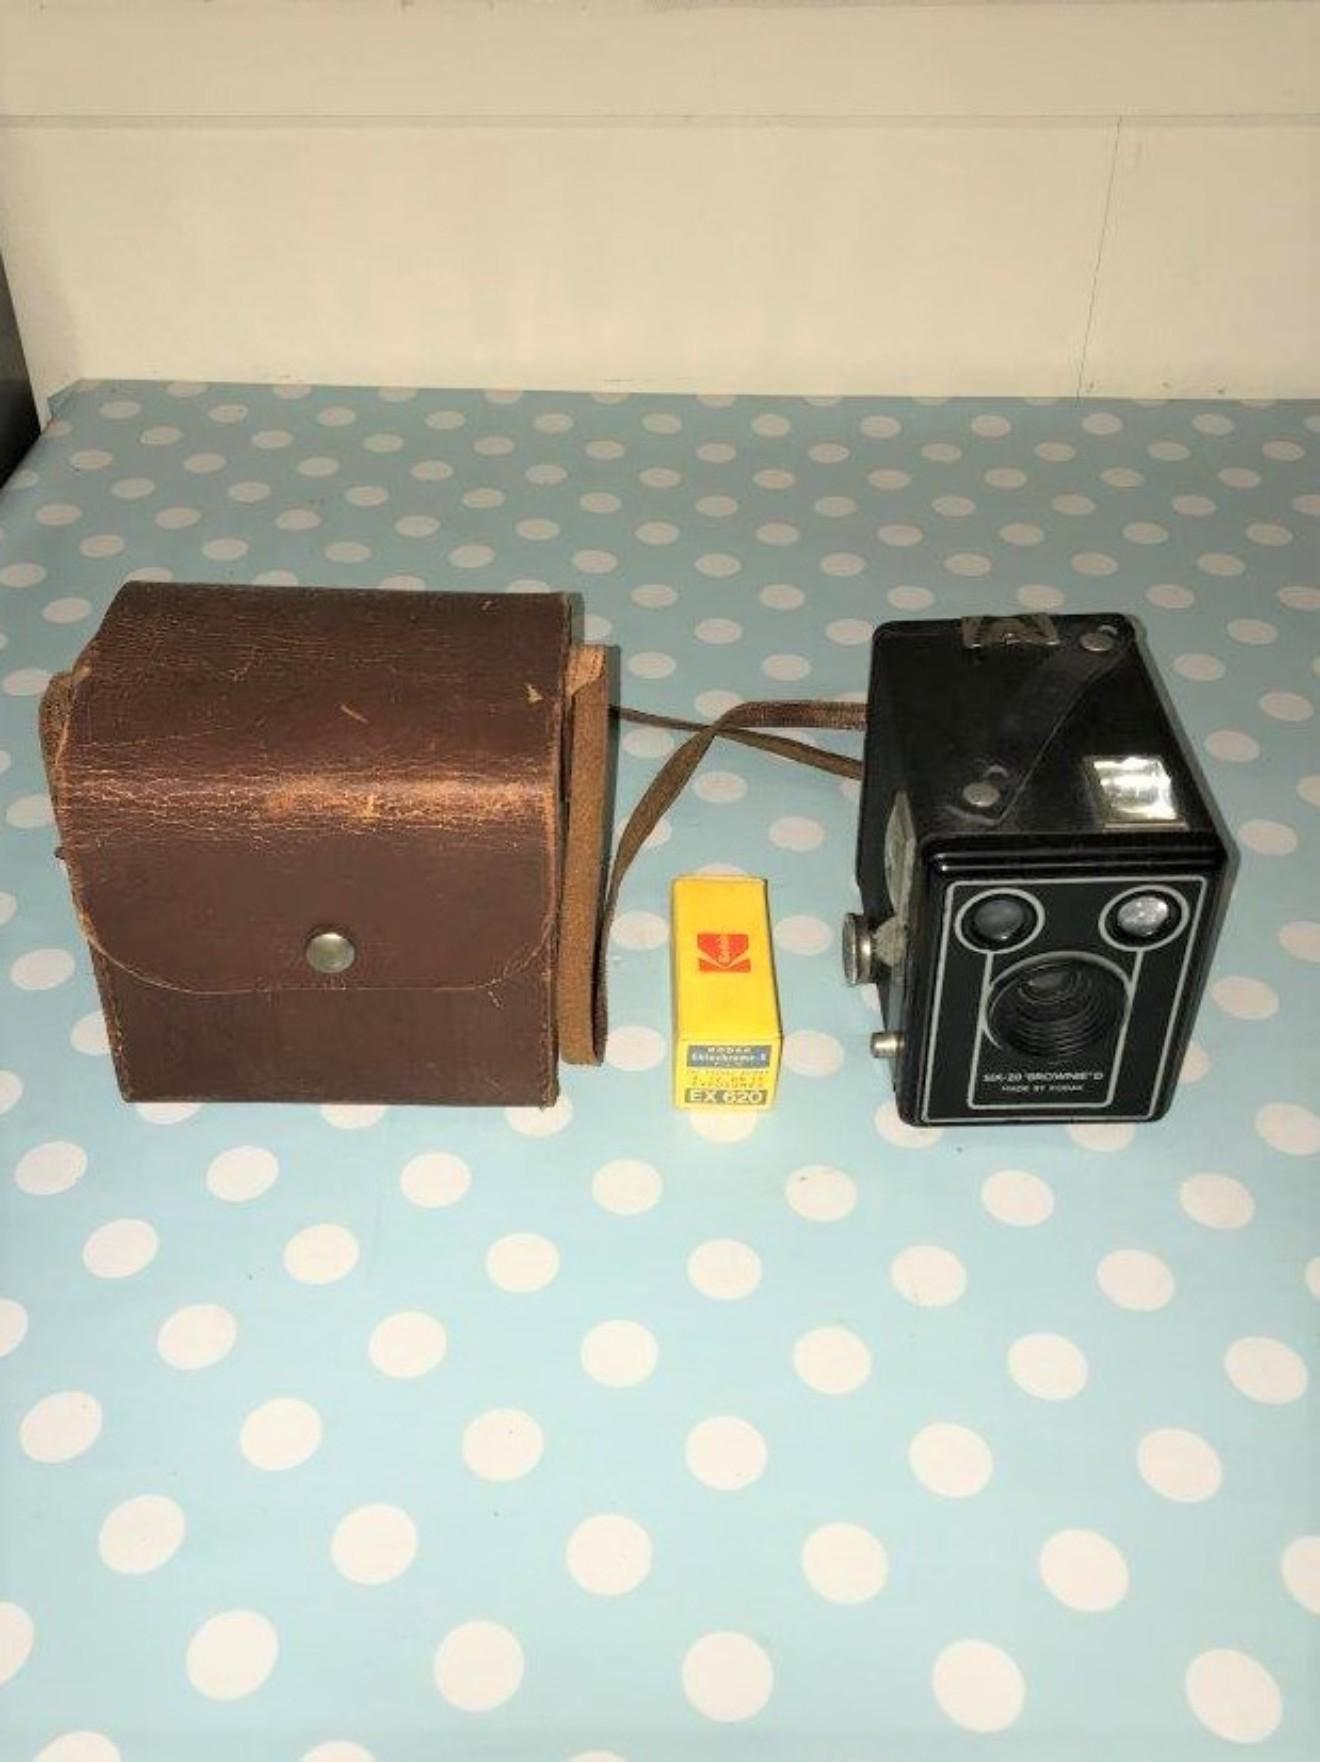 Camera Six-20 Brownie D